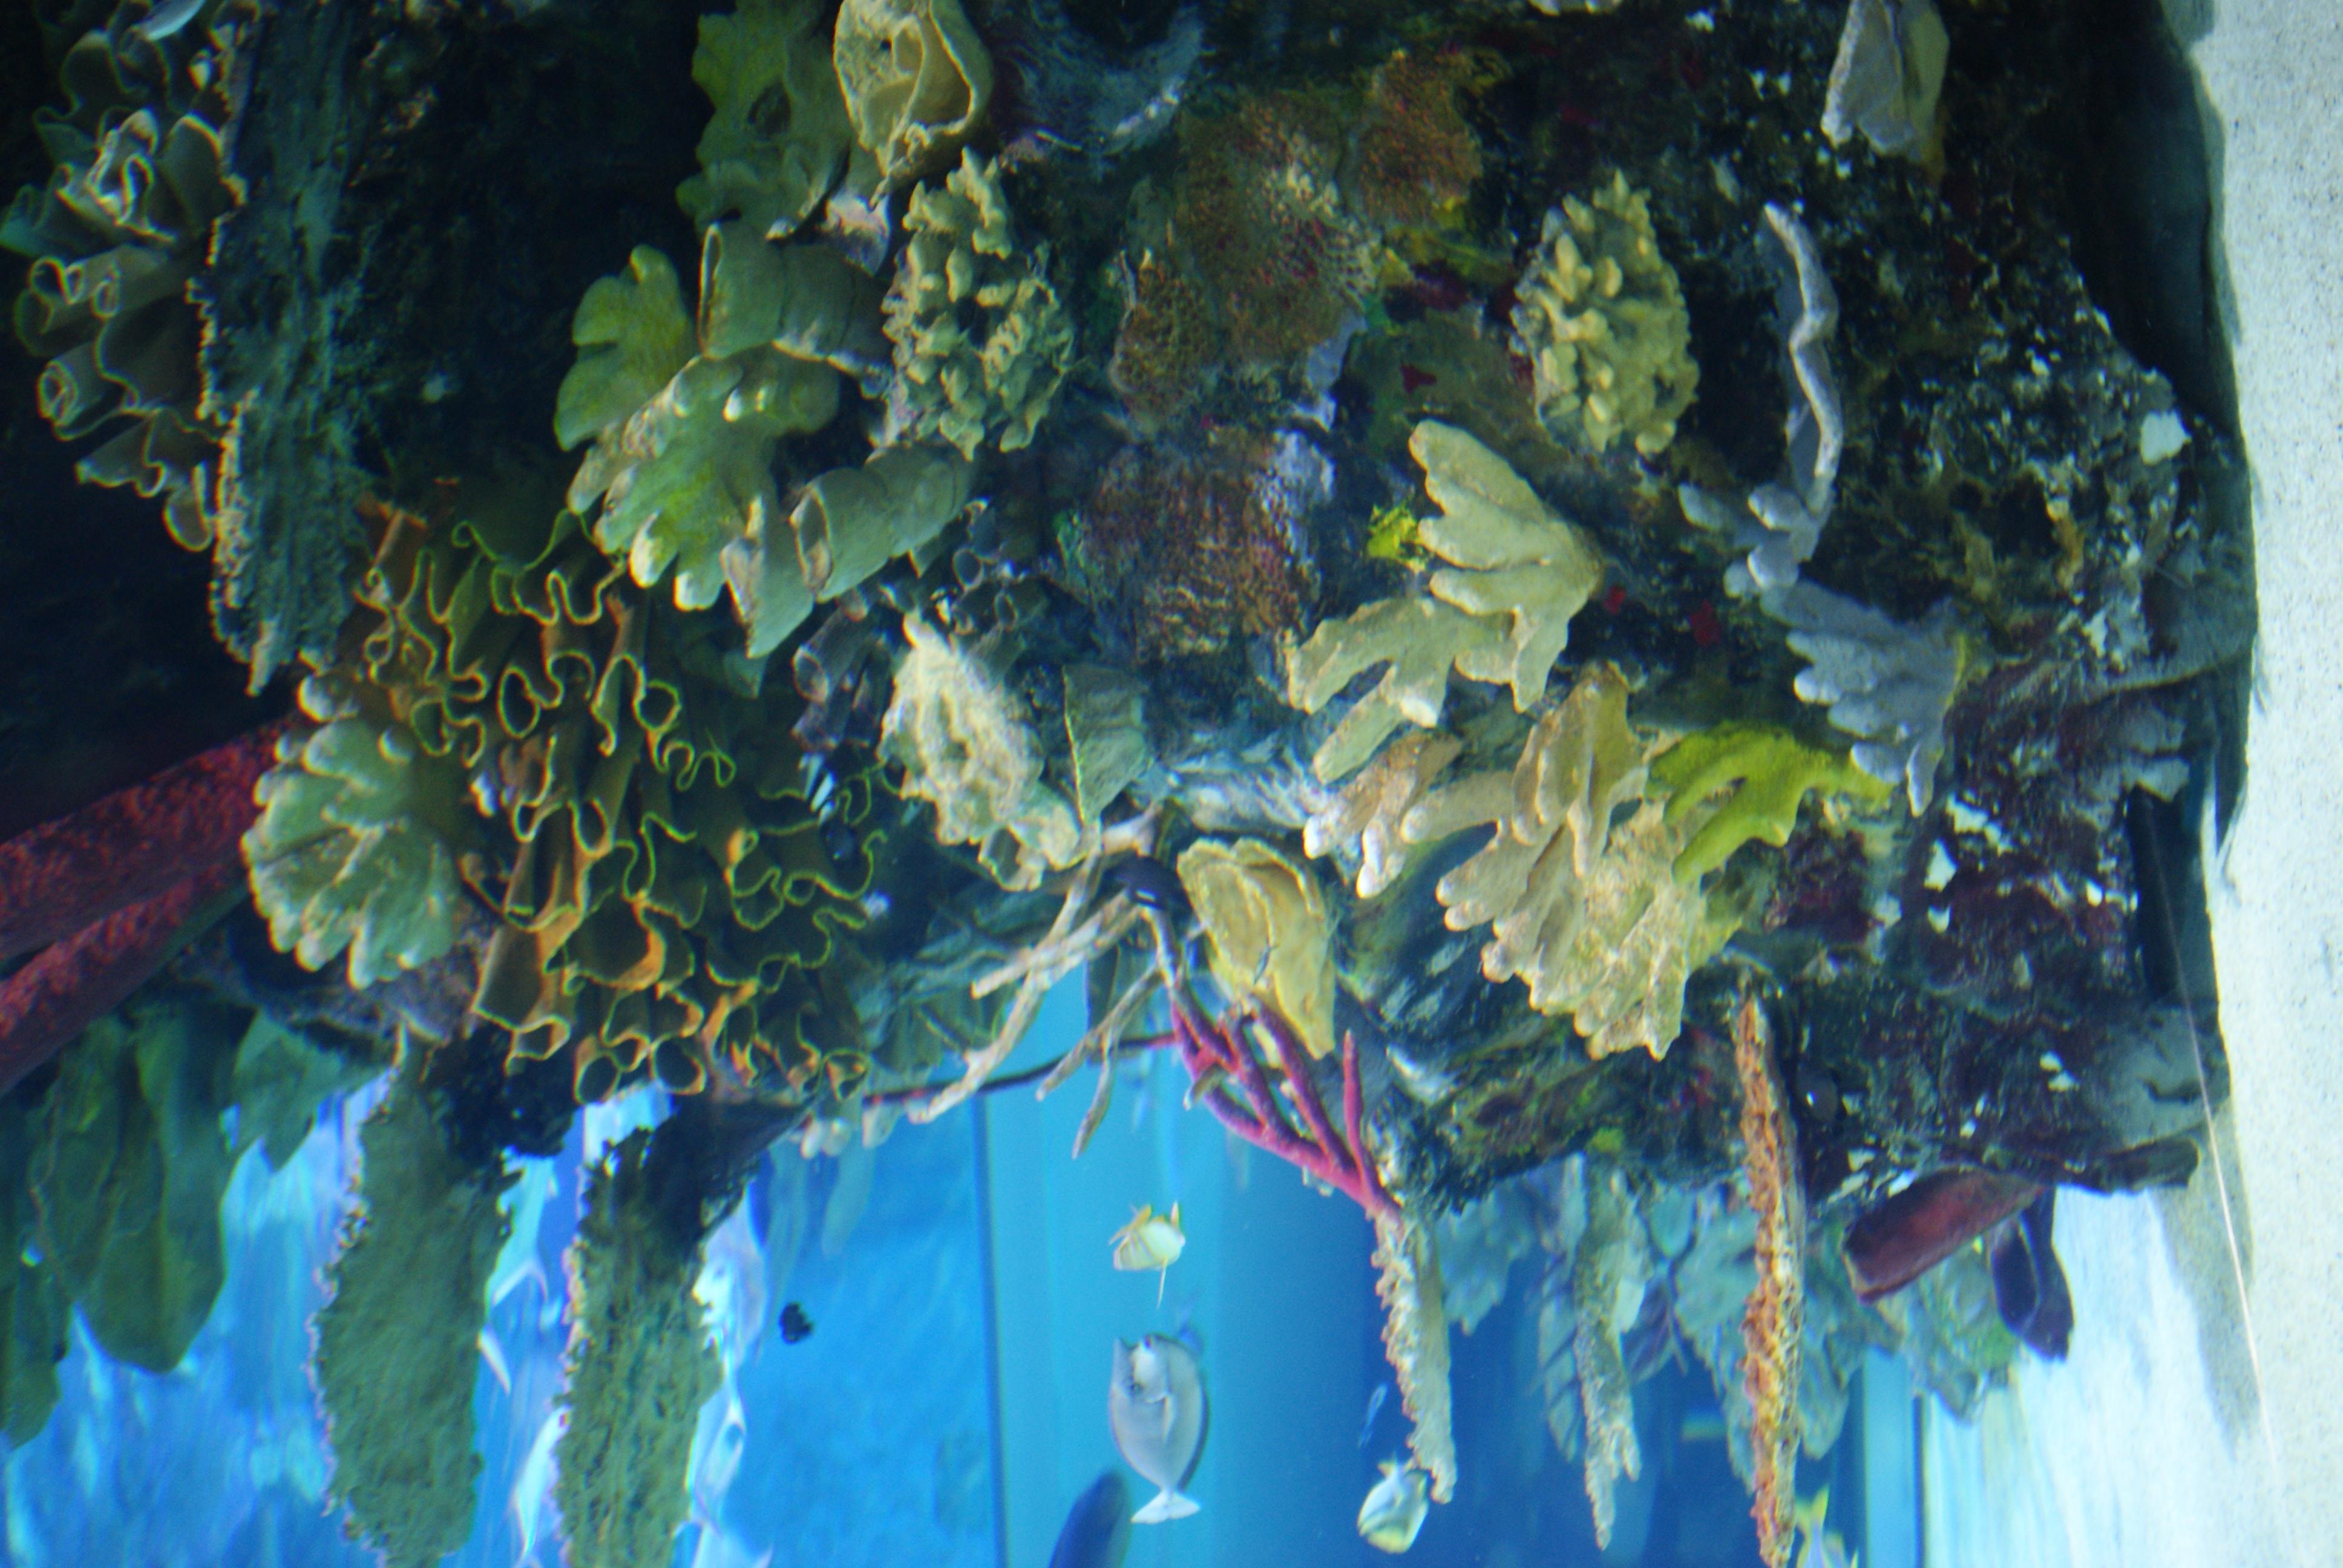 Description Tropicarium-Oceanarium Budapest 23.JPG